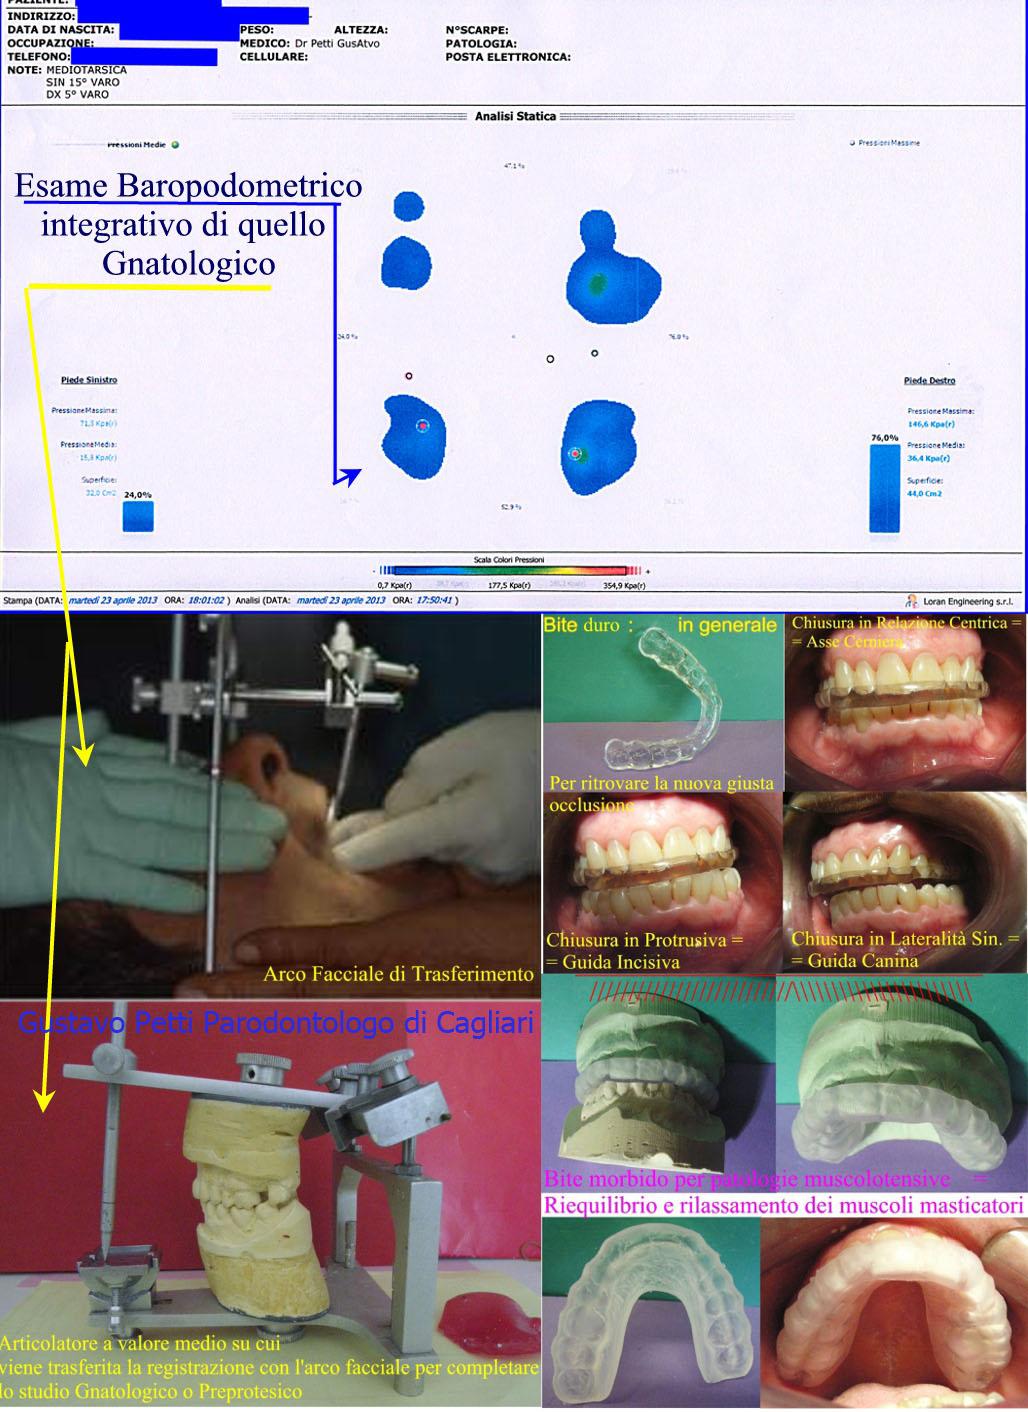 Dr. Gustavo Petti Parodontologo Gnatologo Riabilitatore Orale in Casi Clinici Complessi, di Cagliari. Parte di Esame Gnatologico con Arco Facciale e Stabilometria Computerizzata e Vari tipi di Bite